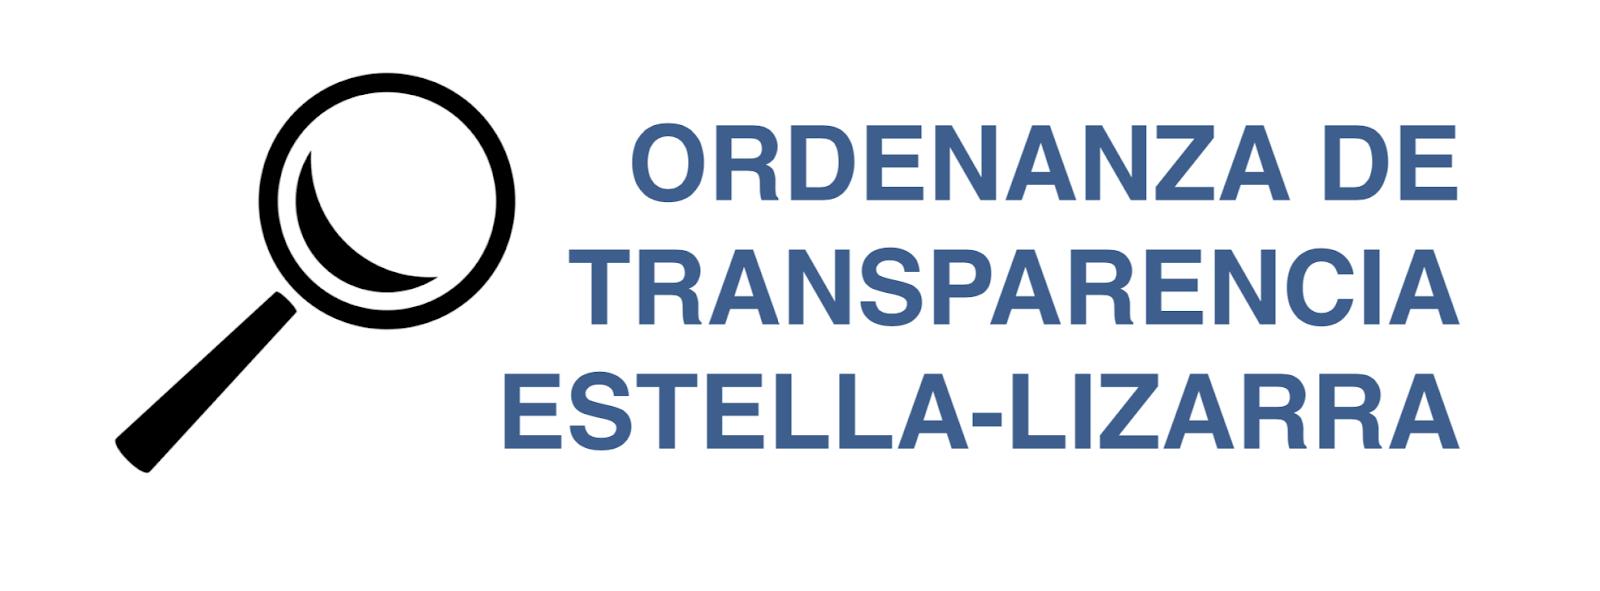 Presentamos nuestra propuesta de Ordenanza de Transparencia